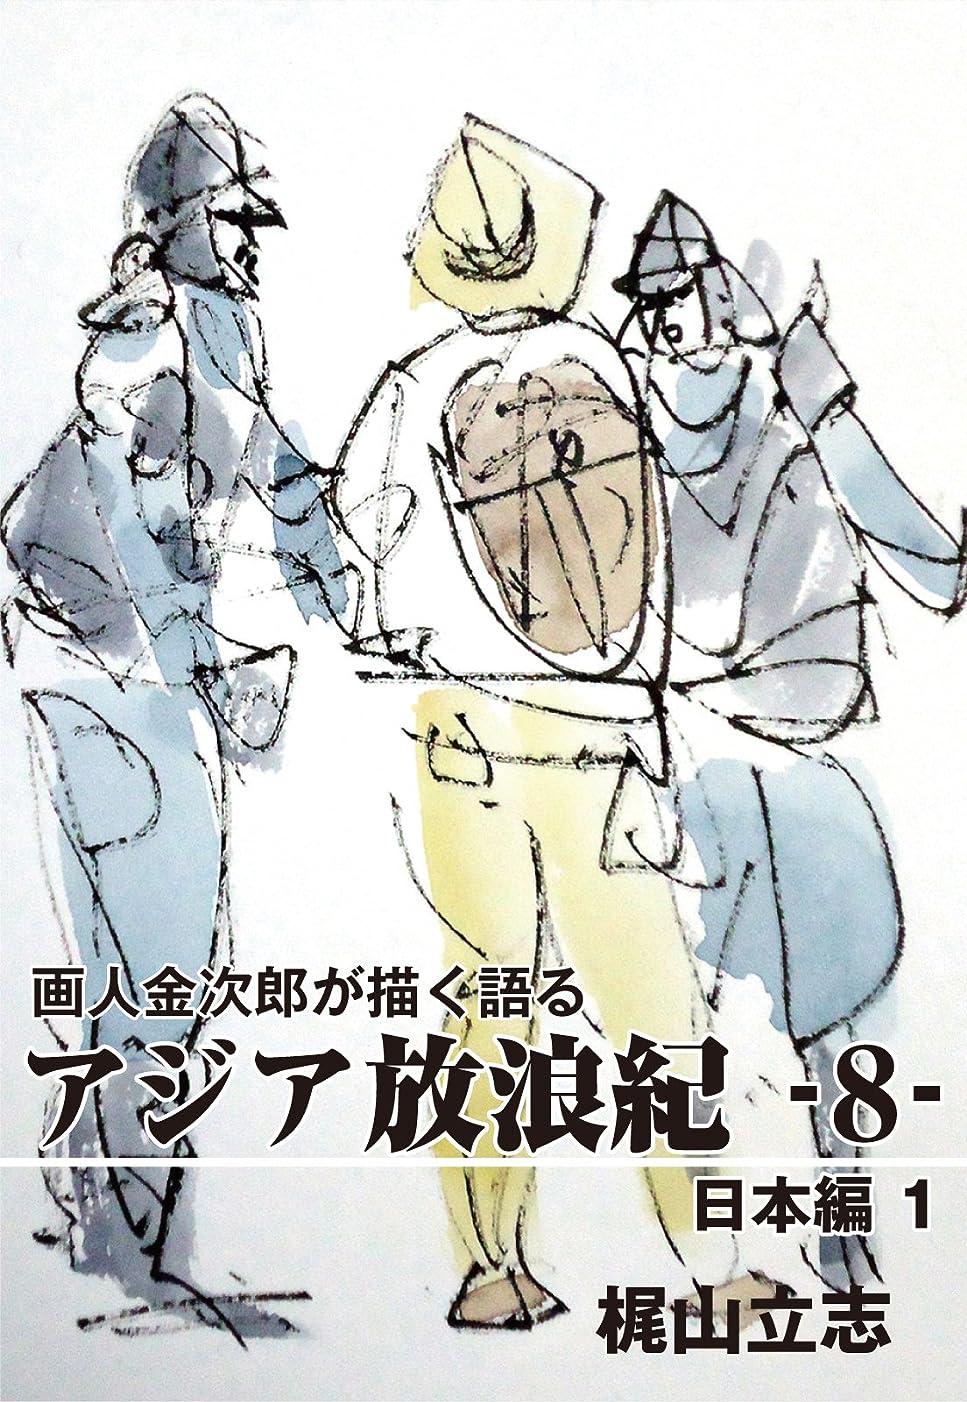 モチーフせせらぎ落ち着く画人金次郎が描く語る アジア放浪紀-8- 日本編1